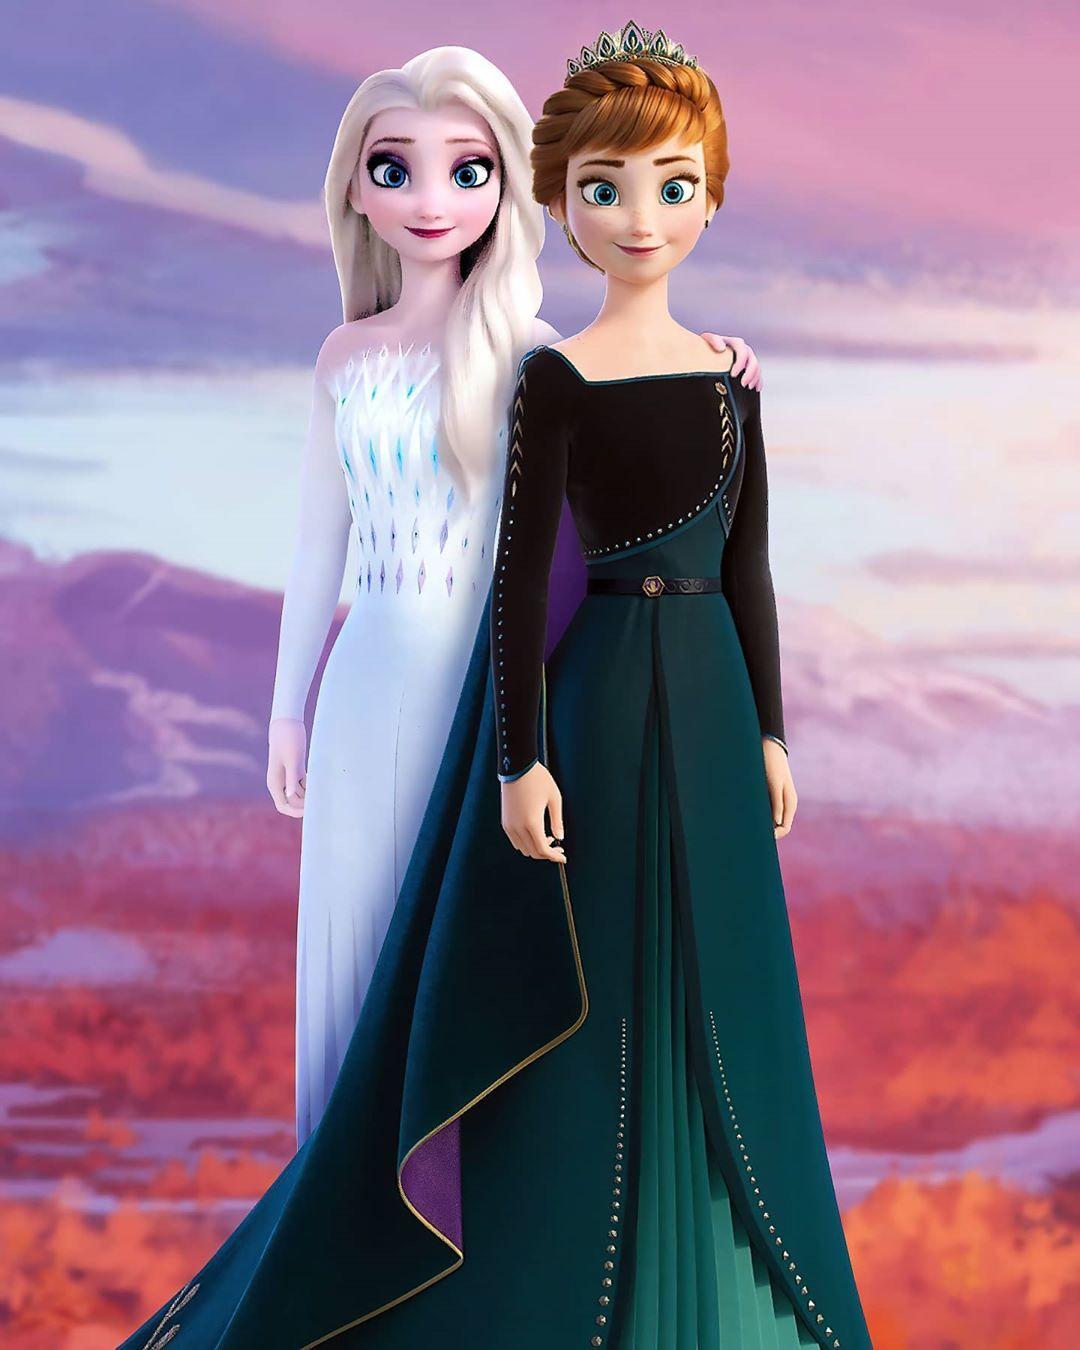 86 2 Tys Otmetok Nravitsya 148 Kommentariev Angel Light V Instagram Wonderful Elsa In 2020 Disney Frozen Elsa Disney Princess Frozen Frozen Disney Movie